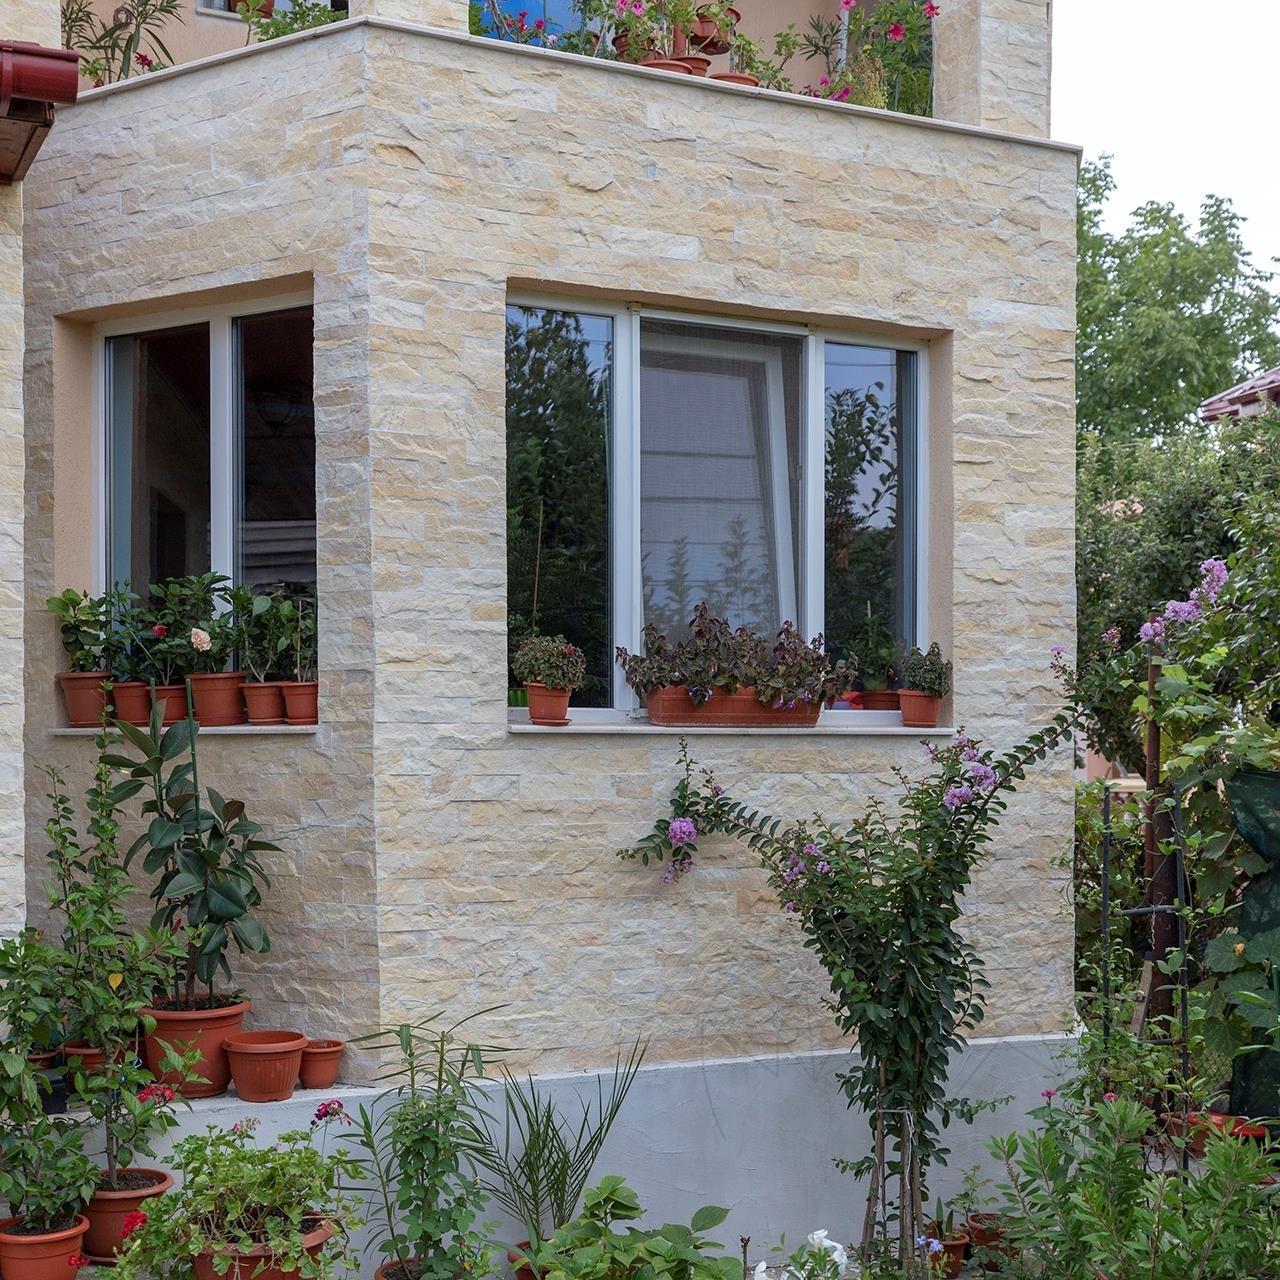 Catania Cream Spilface Marble 7.5 x 30 x 1.5 cm